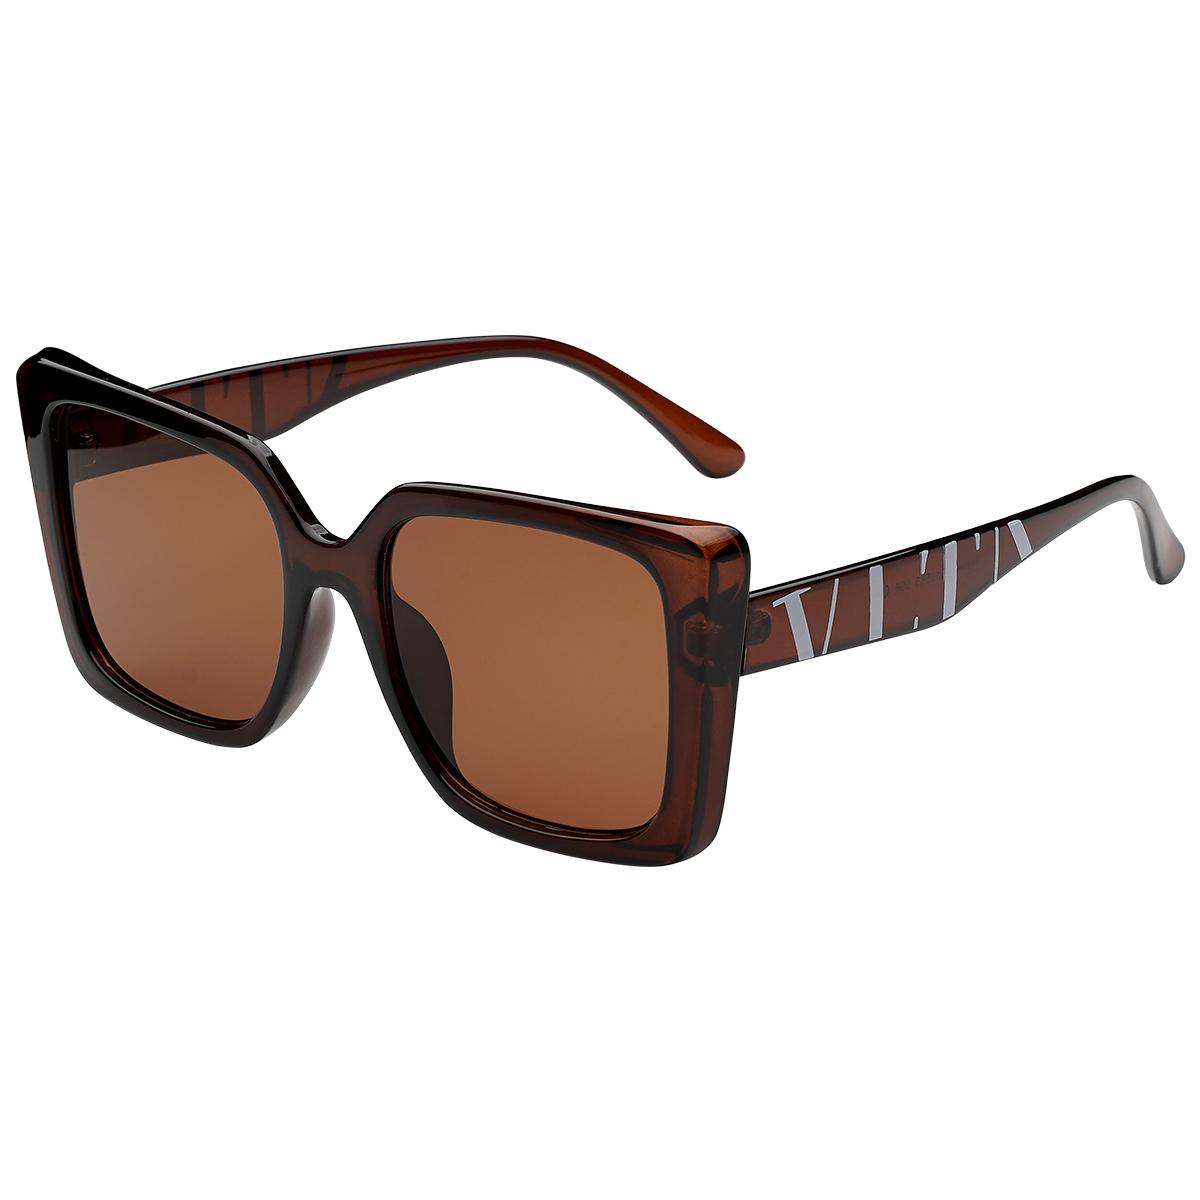 Zonnebril VLTA camel bruin bruine vierkante dames zonnebrillen vlta tekst zijkanten trendy festival brillen musthaves kopen bestellen yehwang